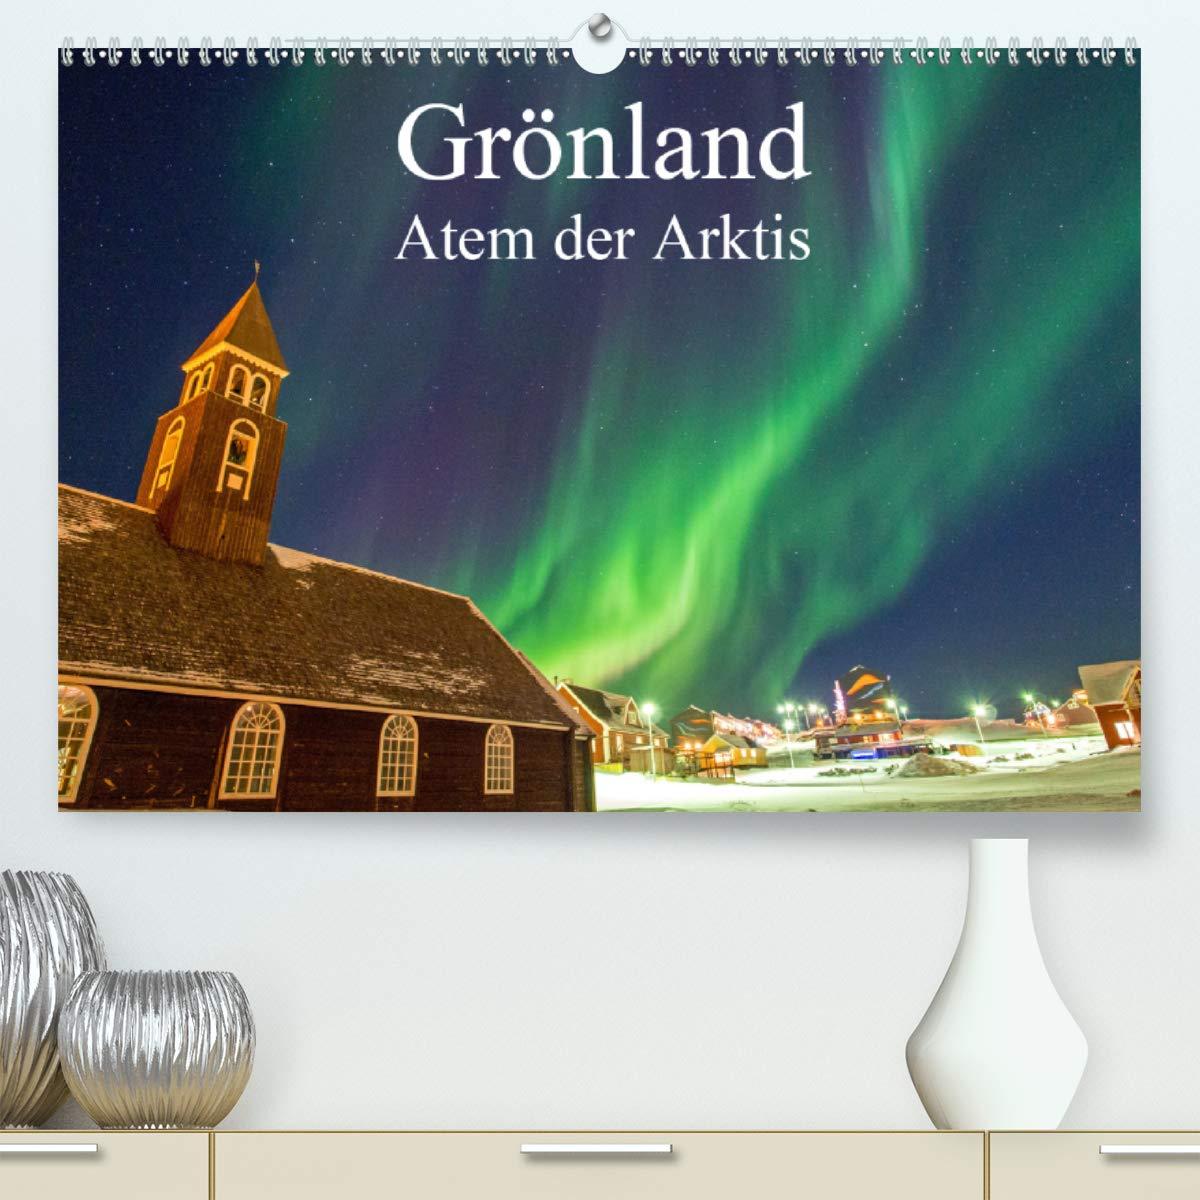 Calvendo Premium Kalender Grönland   Atem Der Arktis  Atemberaubende Reise Im Hohen Norden  Hochwertiger DIN A2 Wandkalender 2020 Kunstdruck In Hochglanz